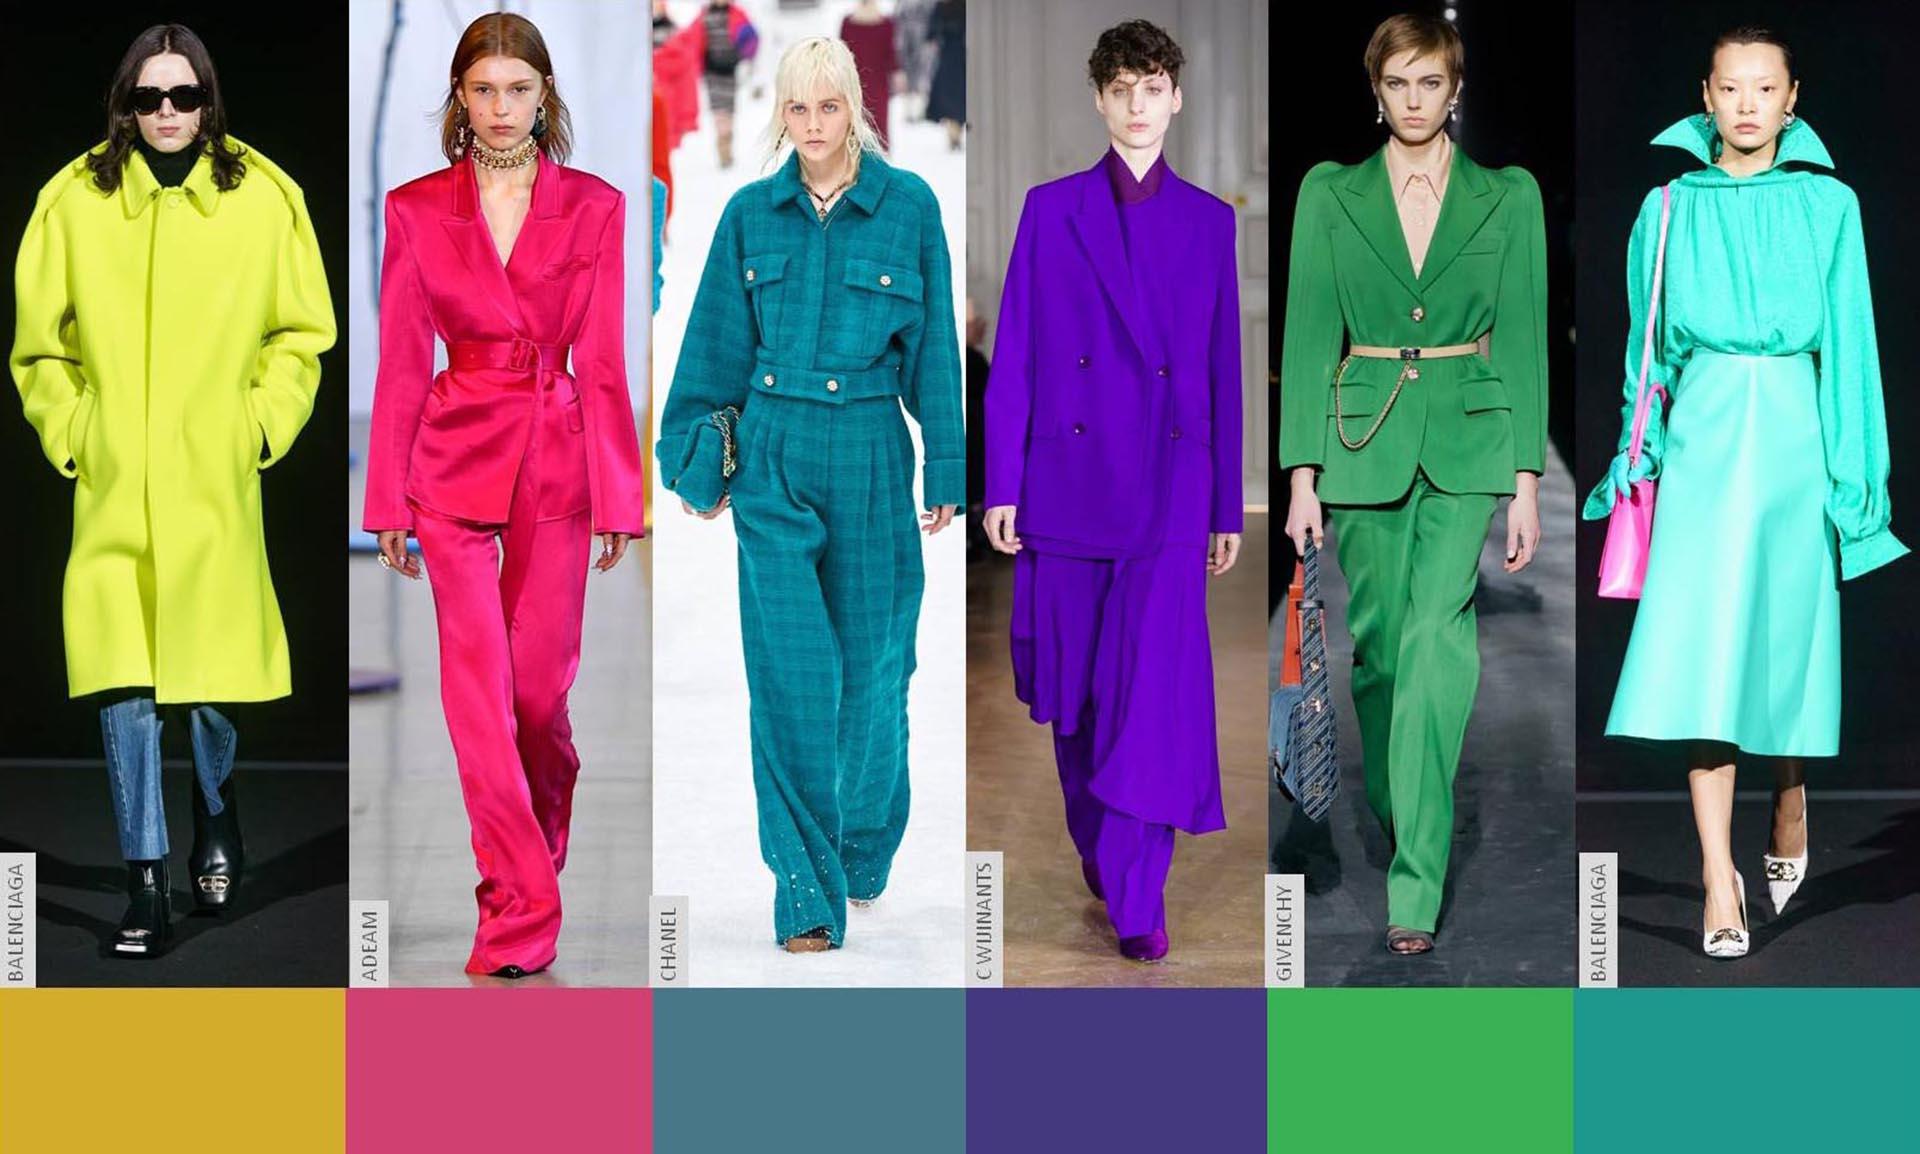 #PARA TI - COLOR - Moda - 05 - GENTILEZA INTI